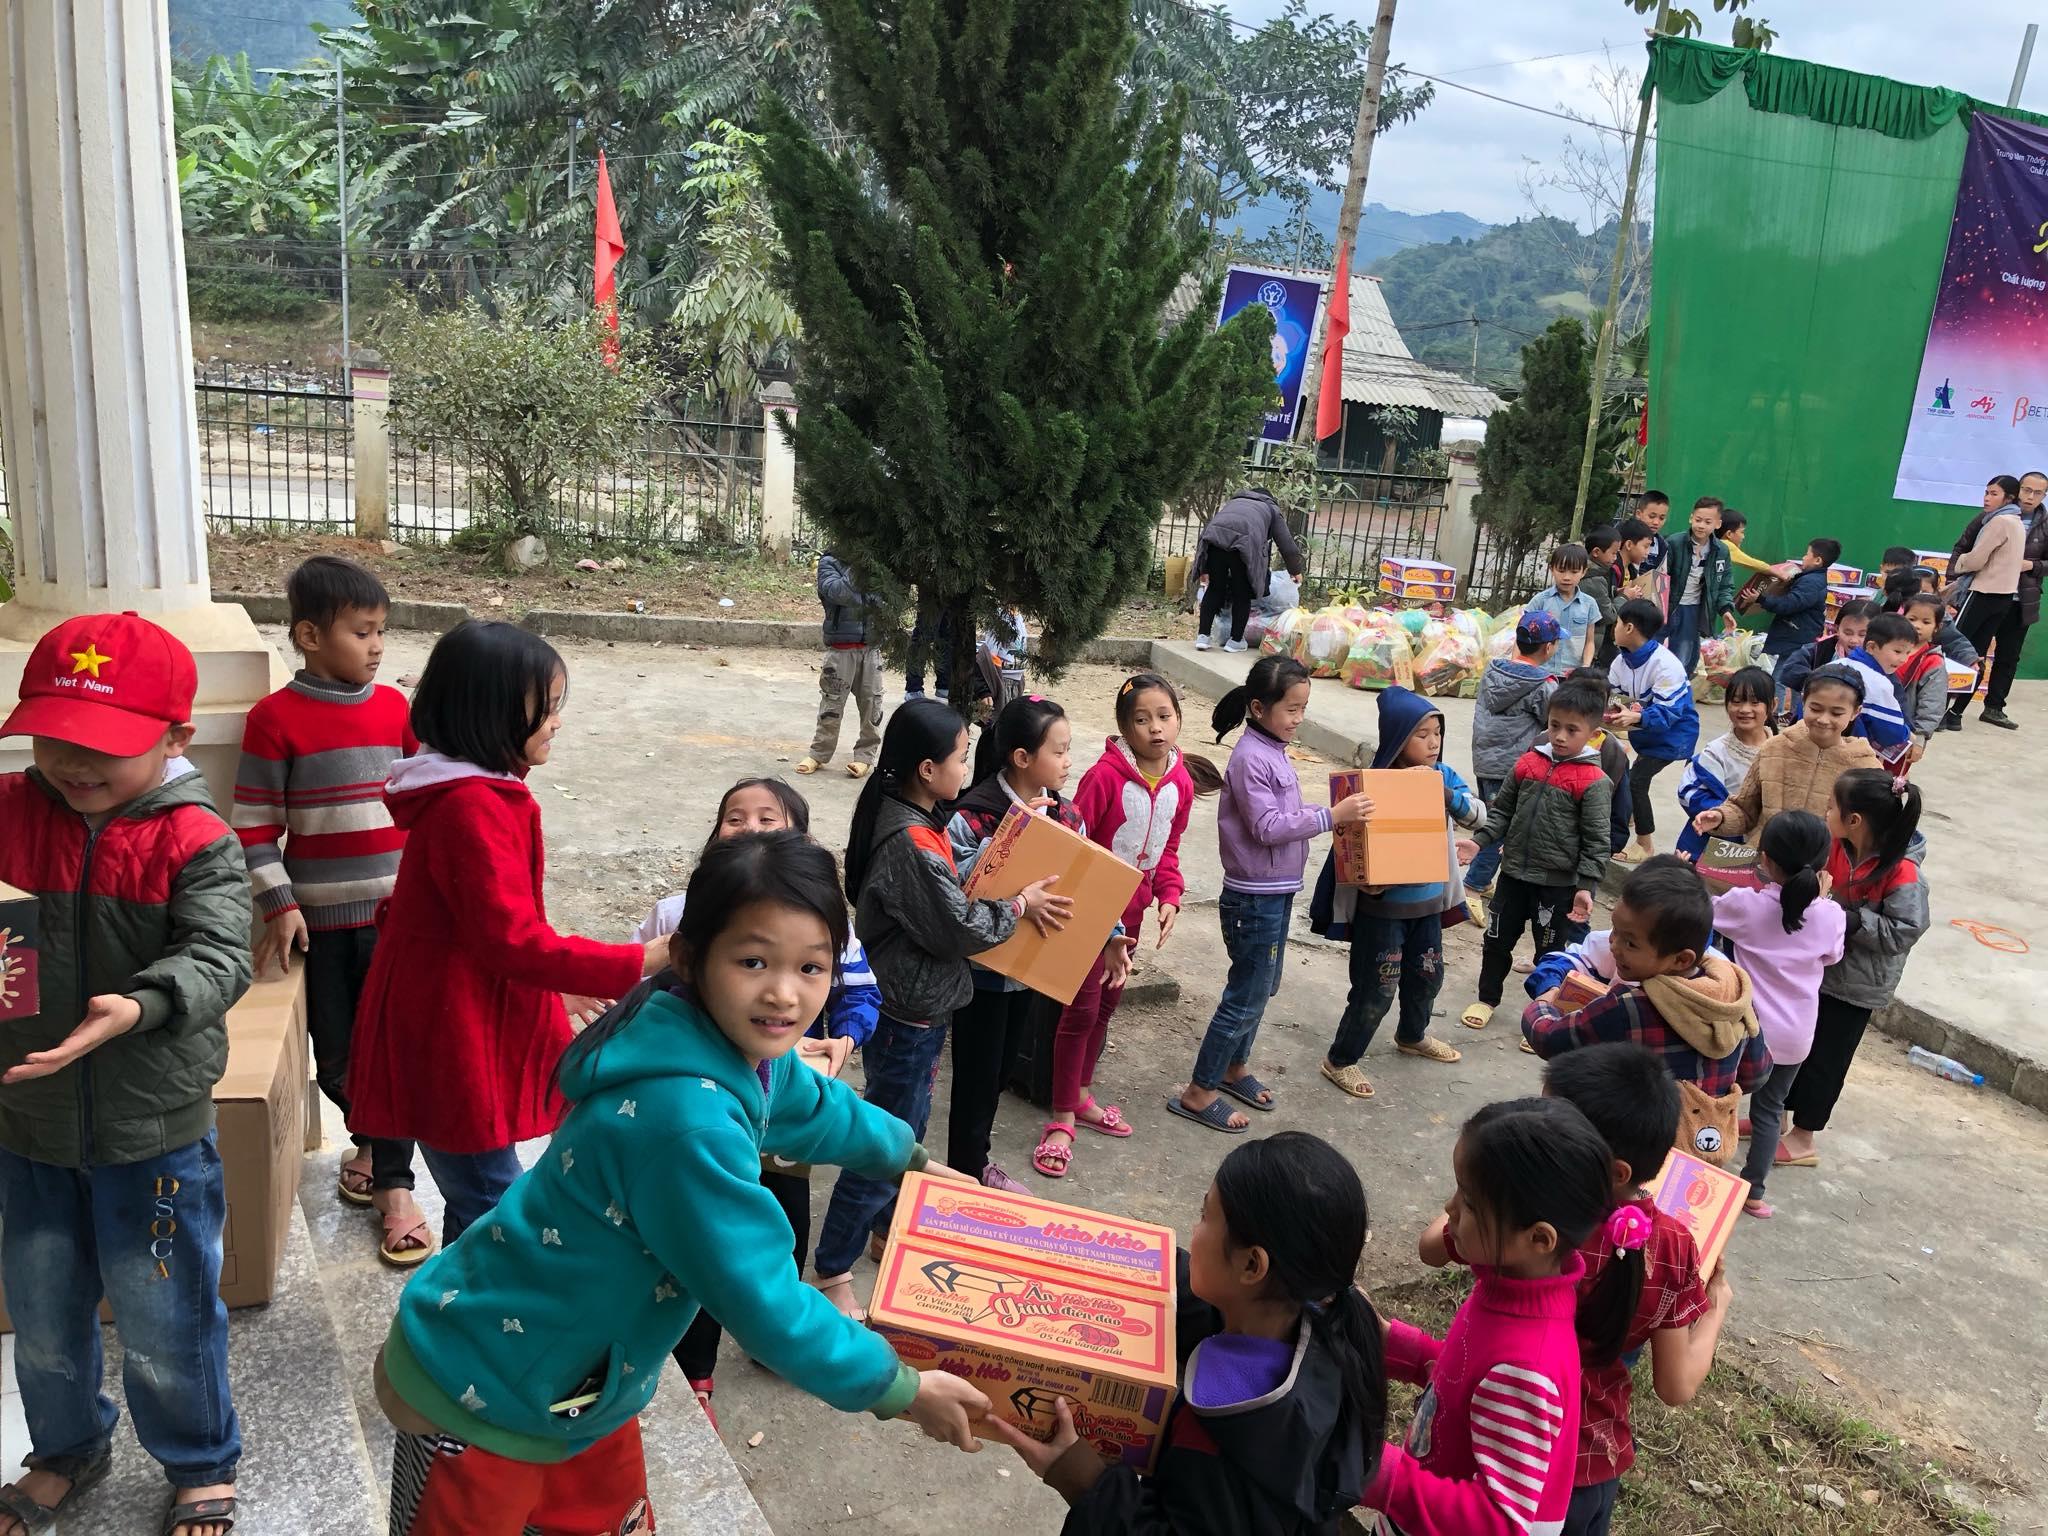 'Xuân yêu thương' mang Tết ấm đến miền quê nghèo nơi địa đầu tổ quốc của Chất lượng Việt Nam online